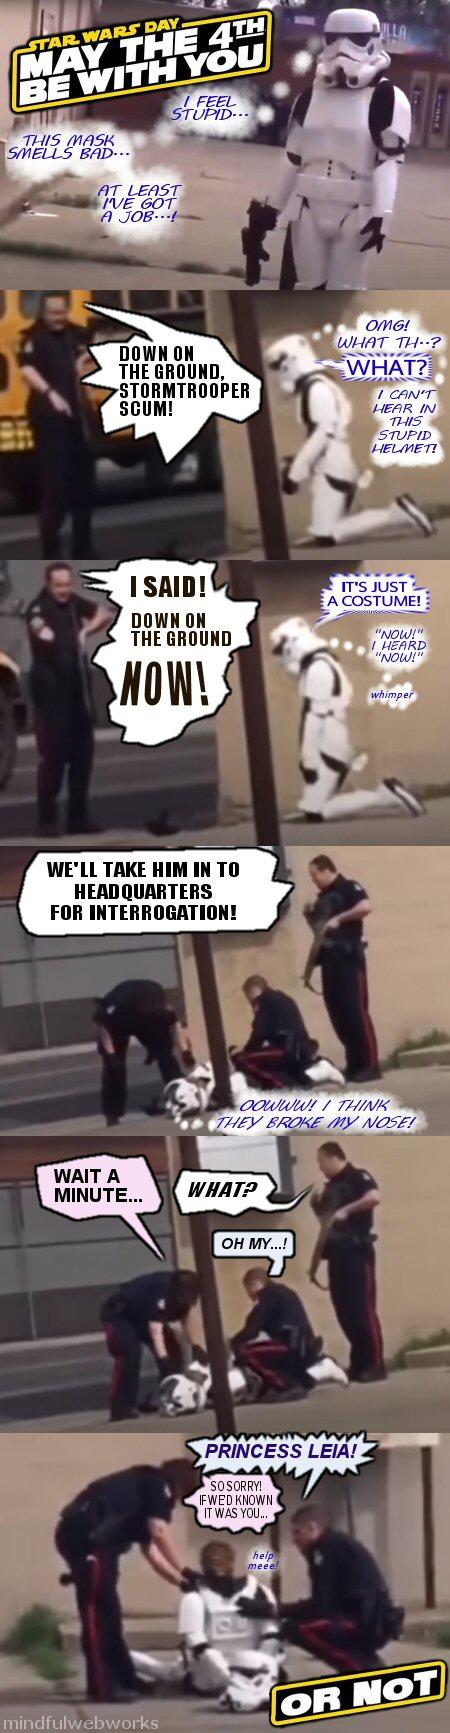 Cops arrest 'Stormtrooper'